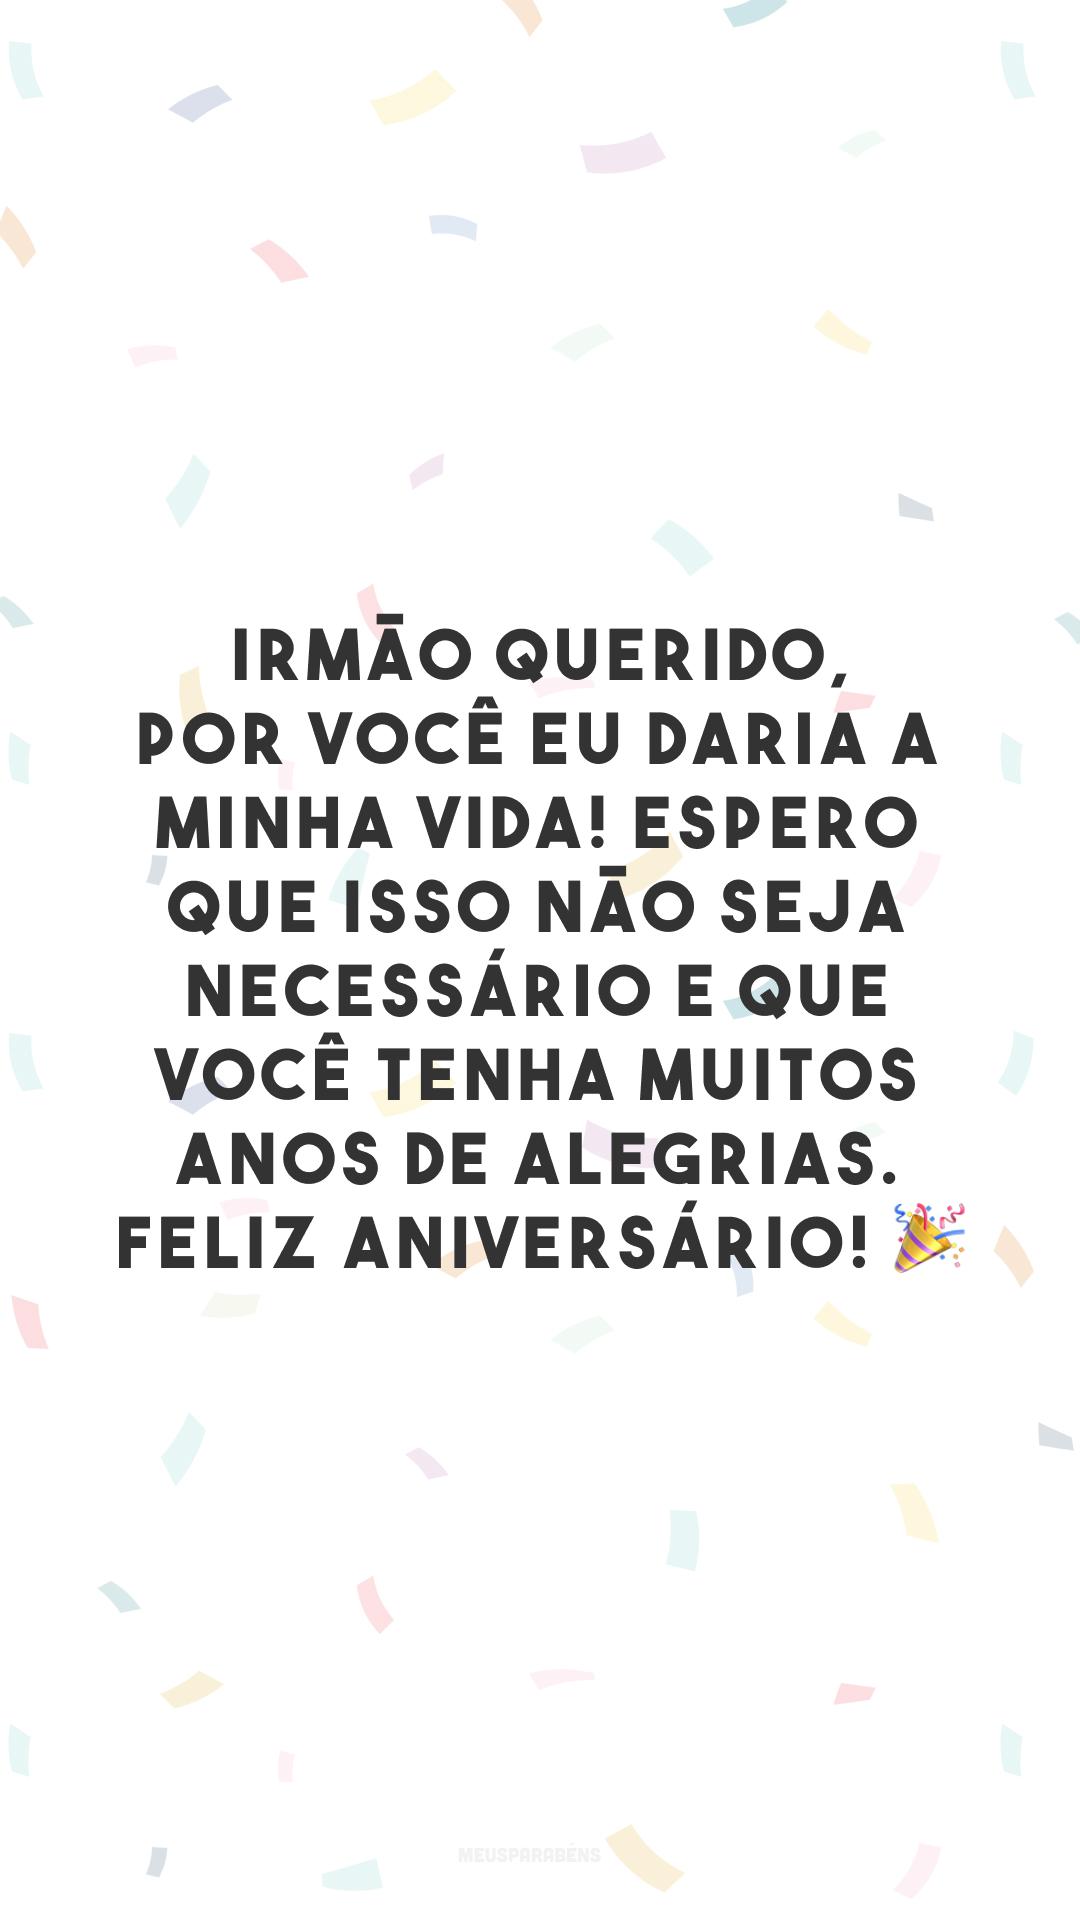 Irmão querido, por você eu daria a minha vida! Espero que isso não seja necessário e que você tenha muitos anos de alegrias. Feliz aniversário! 🎉